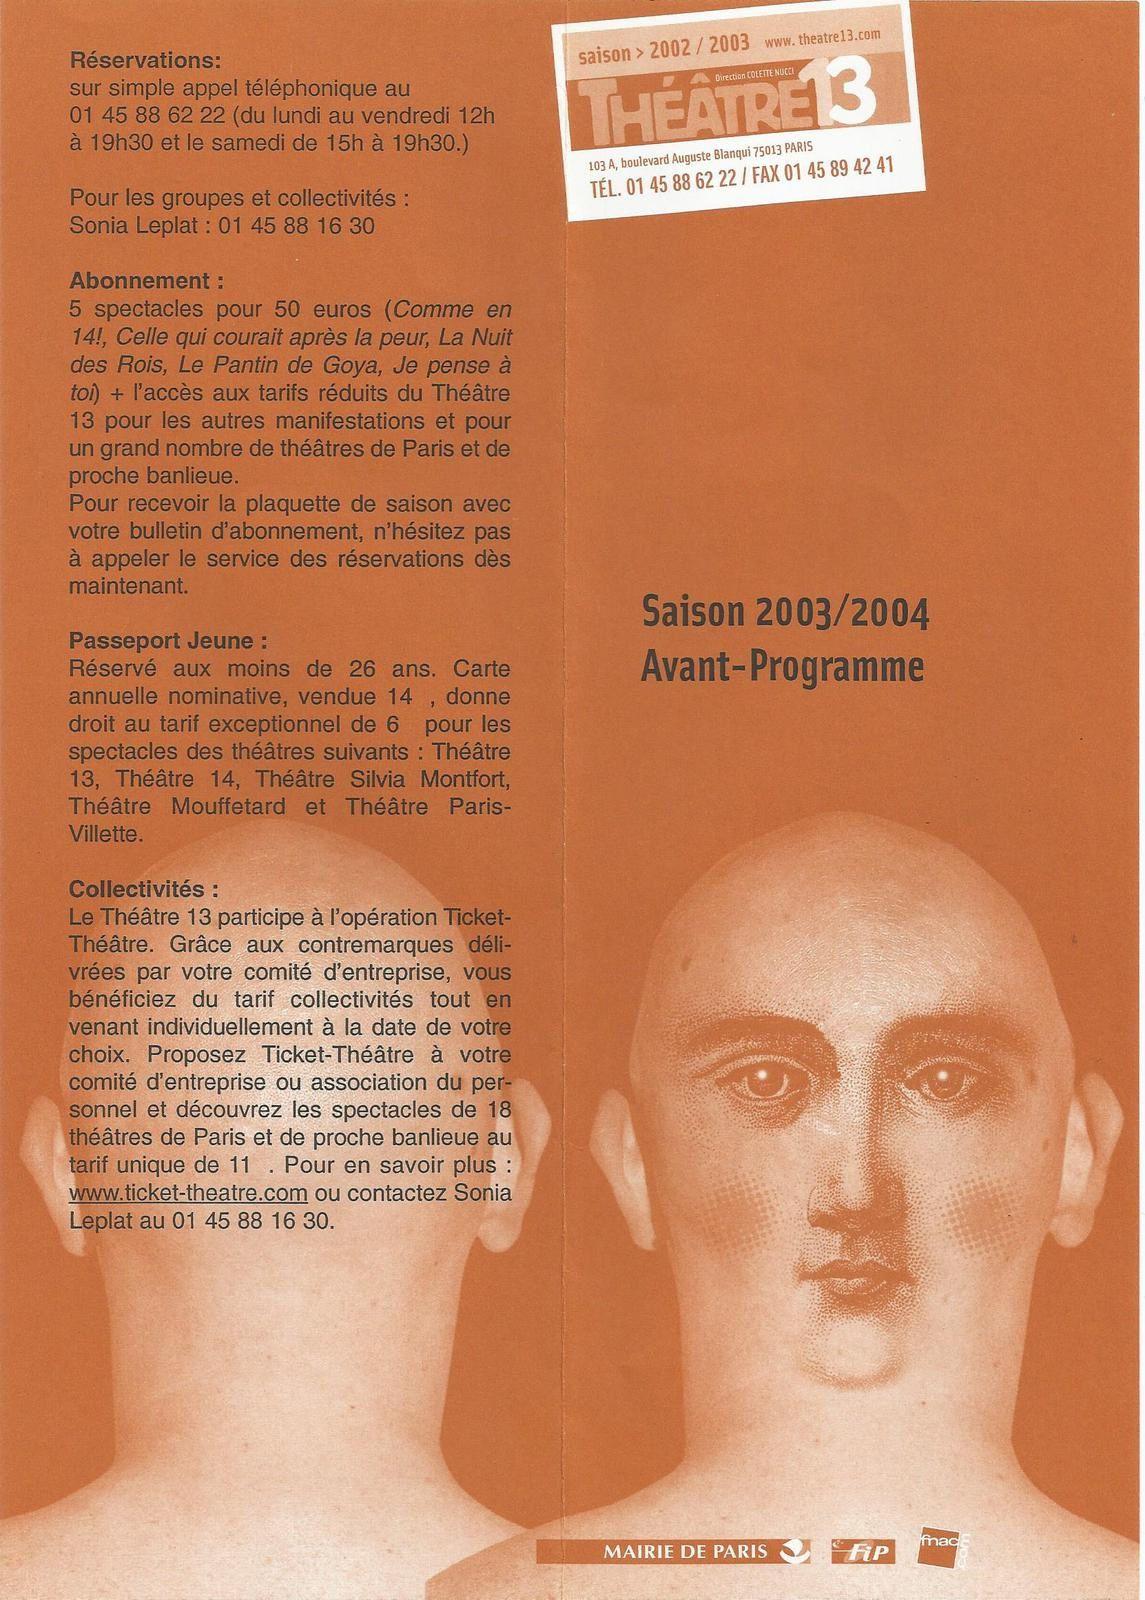 DANS LE CORPS DU TEXTE - Ecole Supérieure d'Art Dramatique de la Ville de Paris